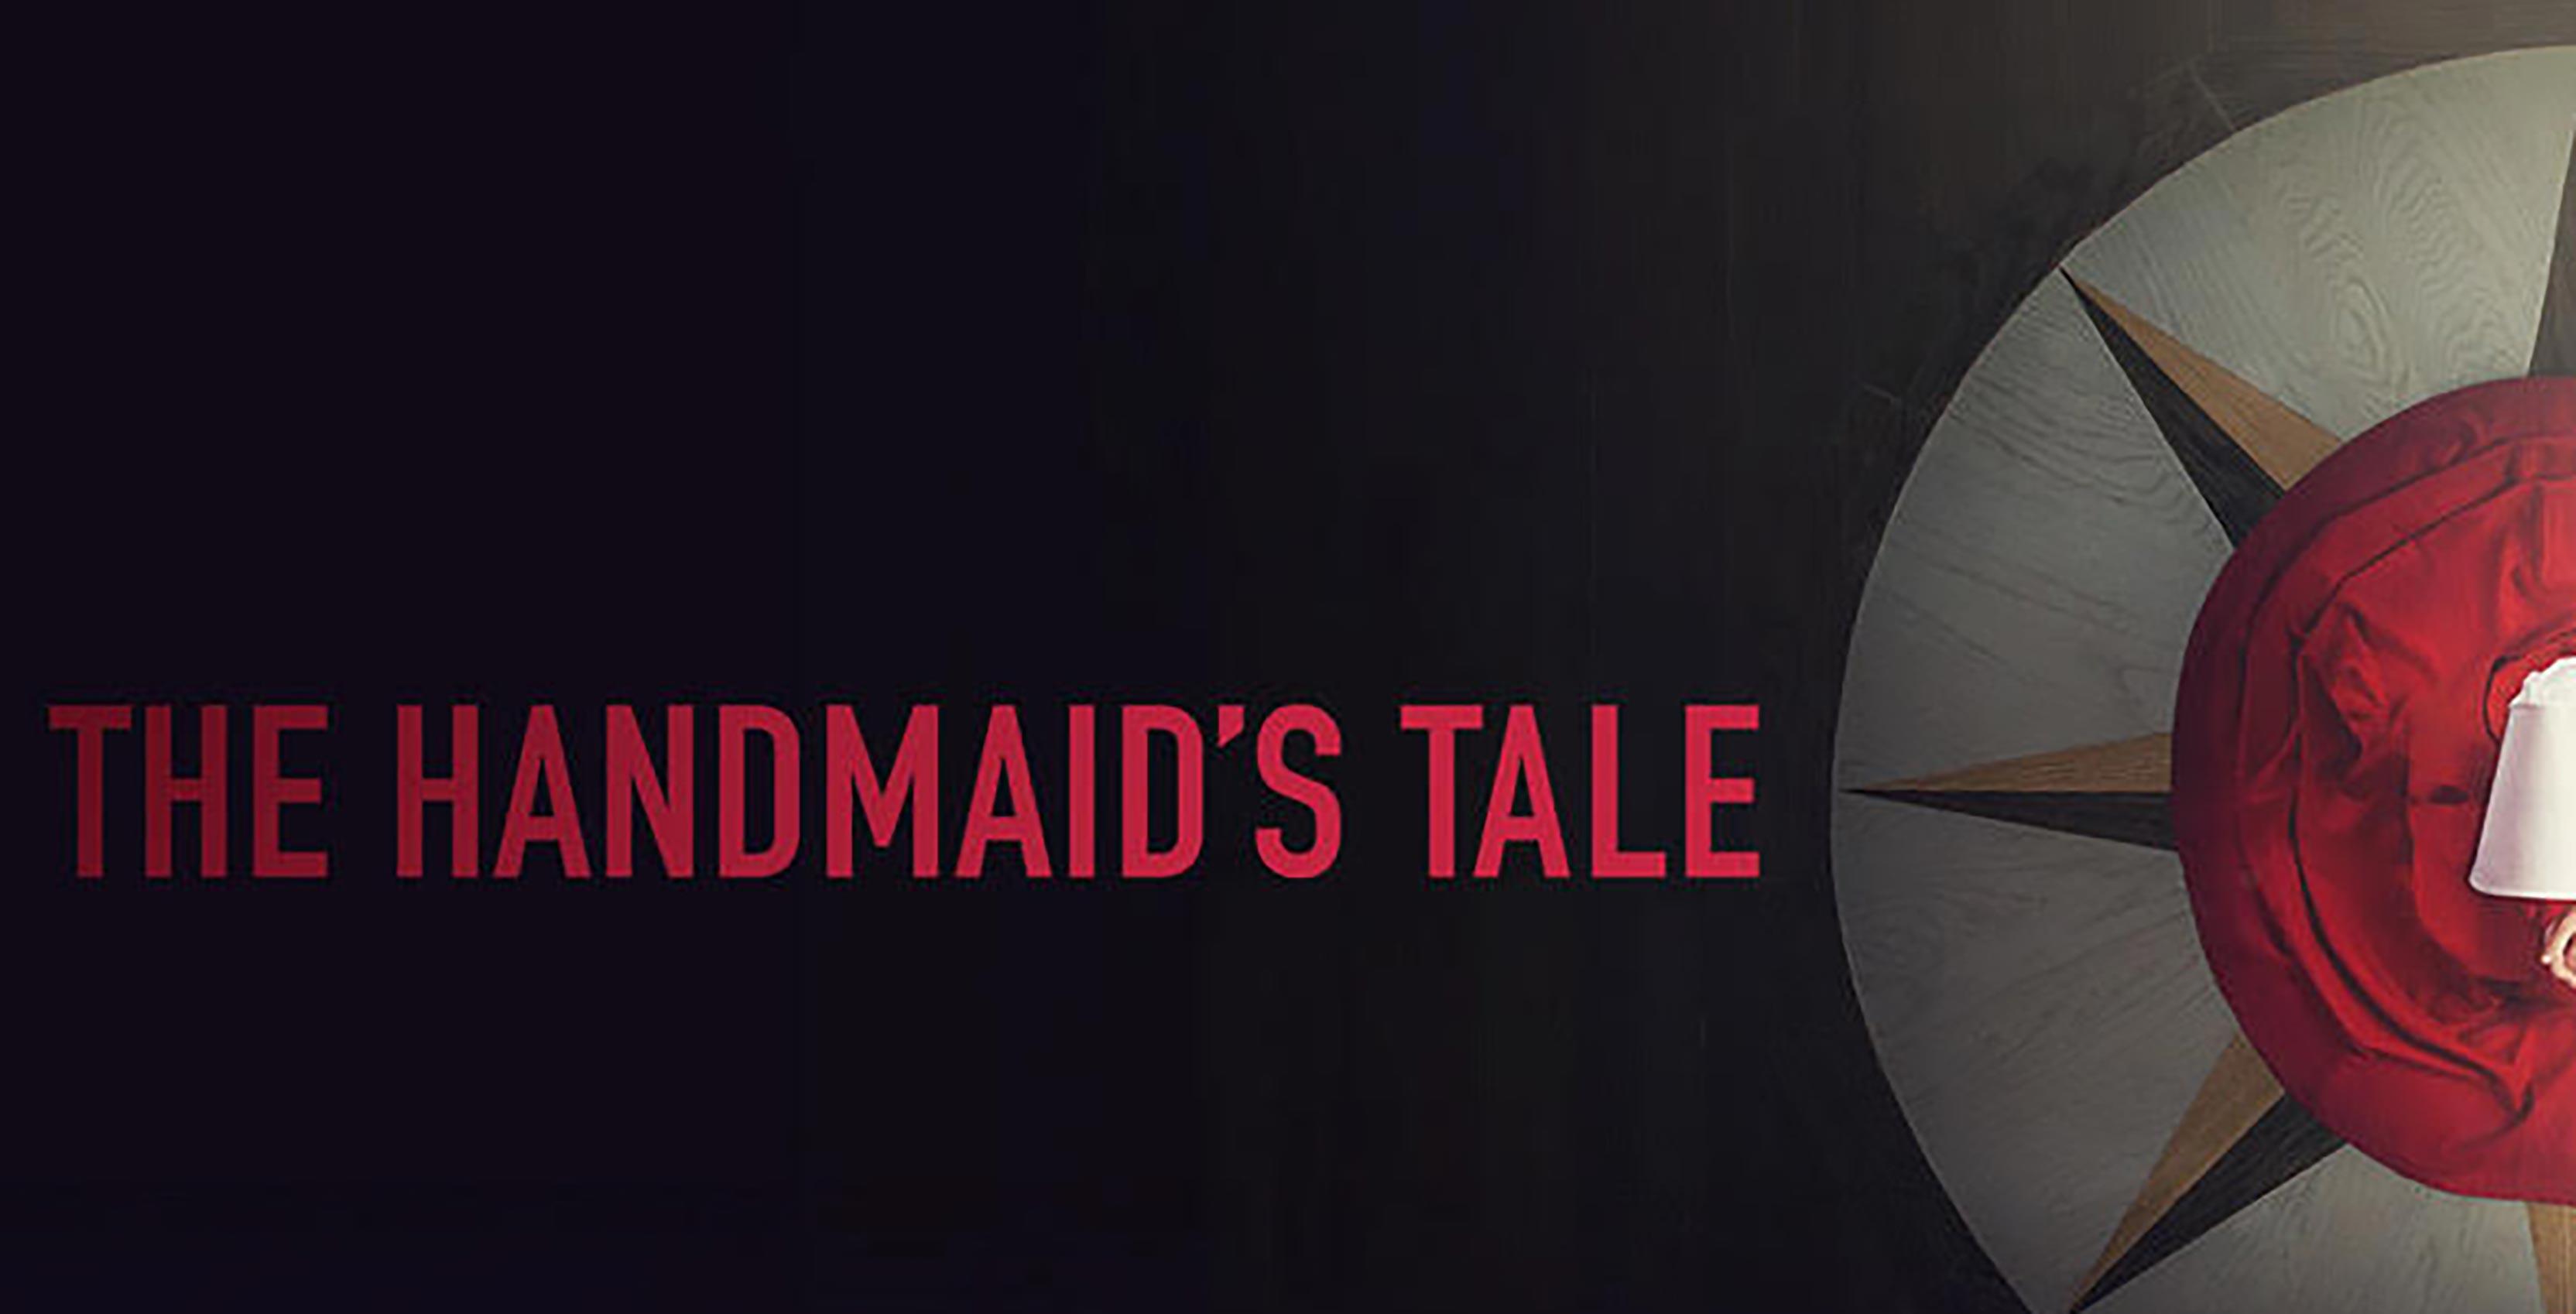 Perdere tutto in un istante: The Handmaid's Tale